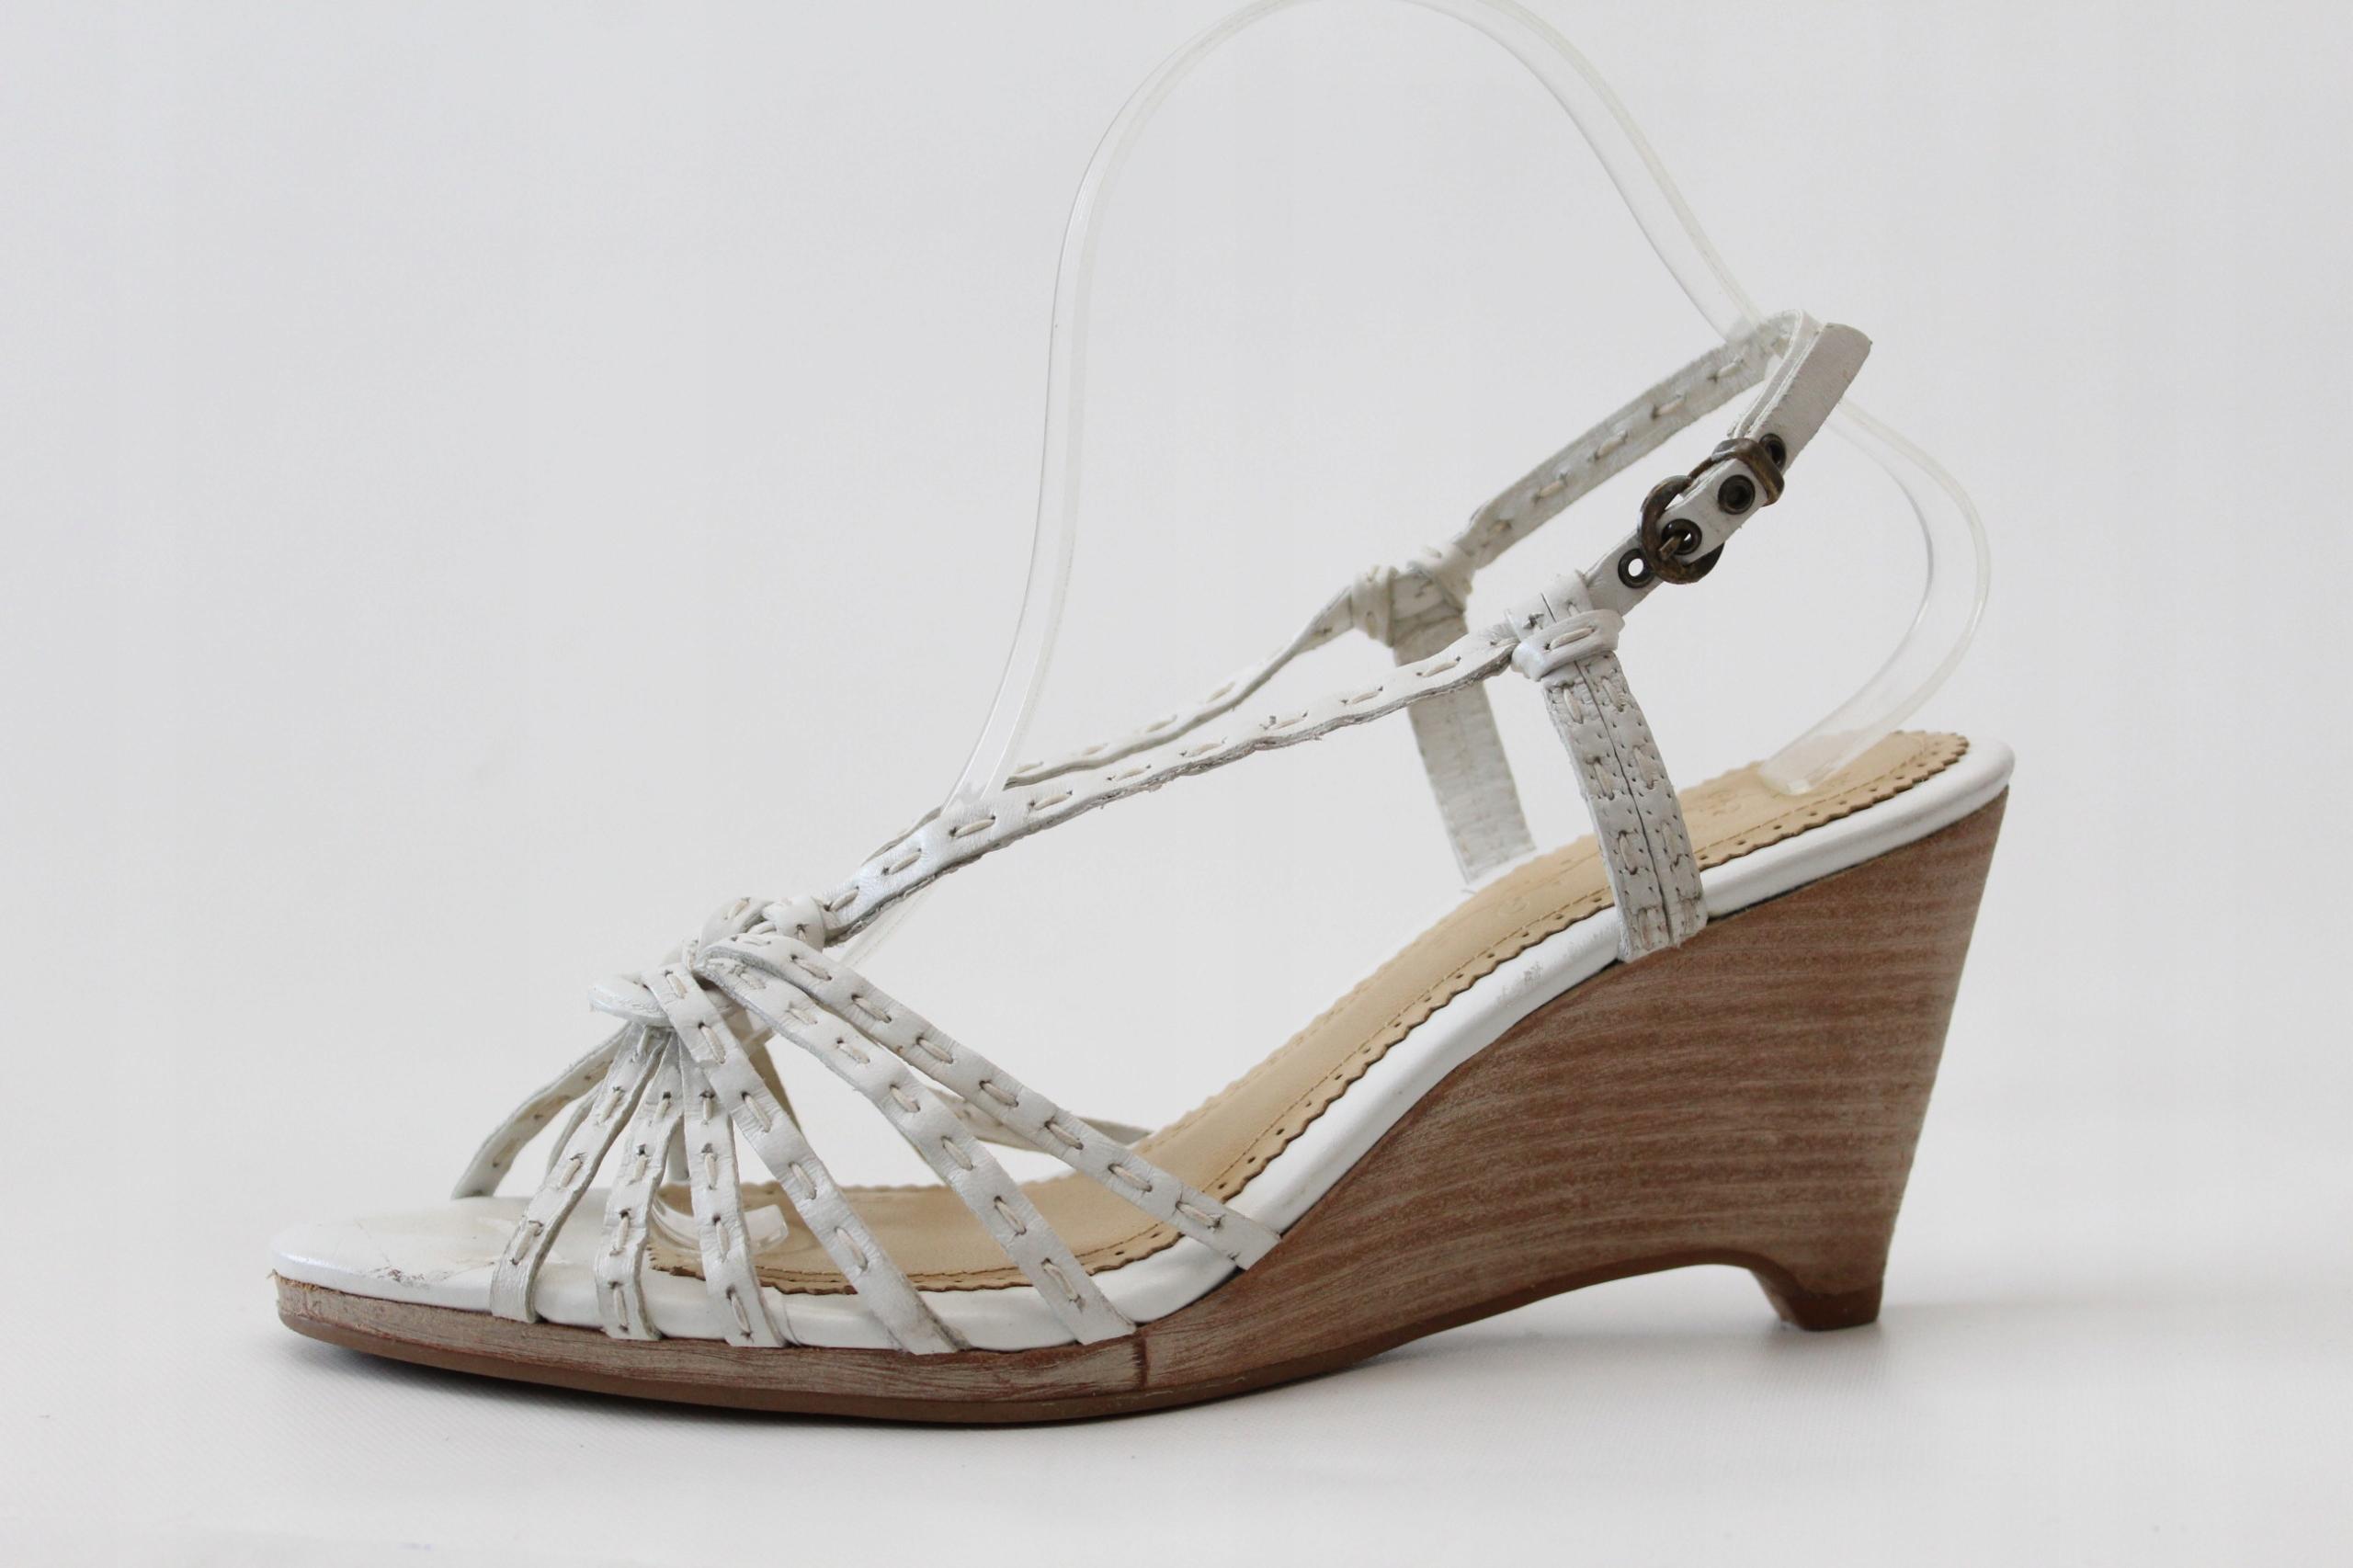 CLARKS - skórzane sandały r. 41 (26 cm)